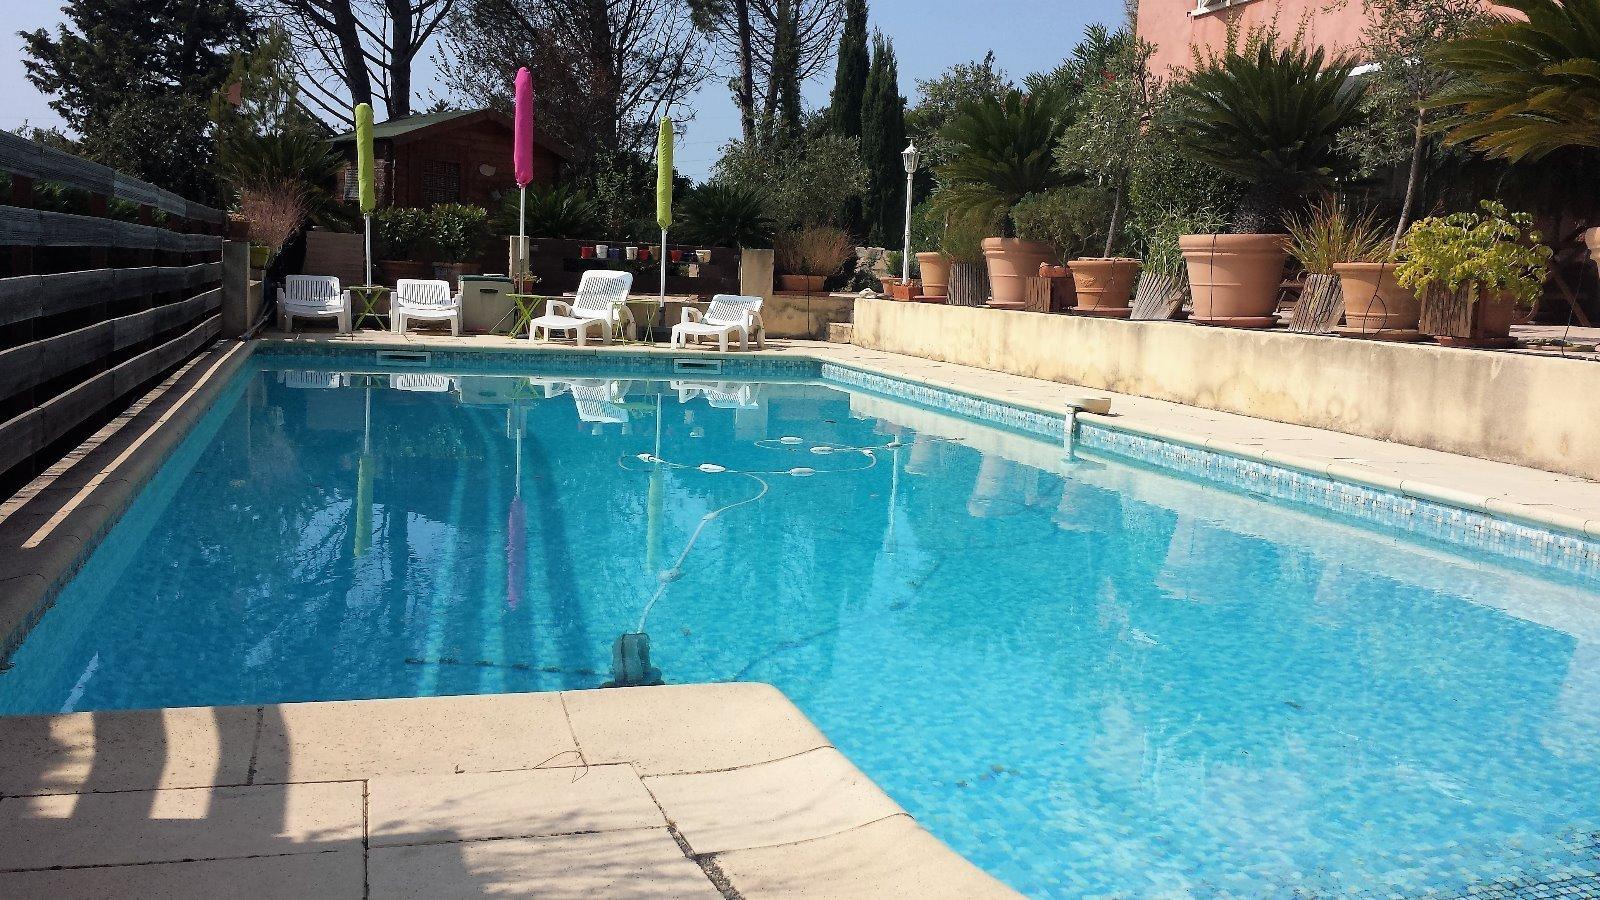 Vente Villa T 7De 178 M2 Sur Terrain De 1200 M2 Avec Piscine ... intérieur Piscine De Courrieres